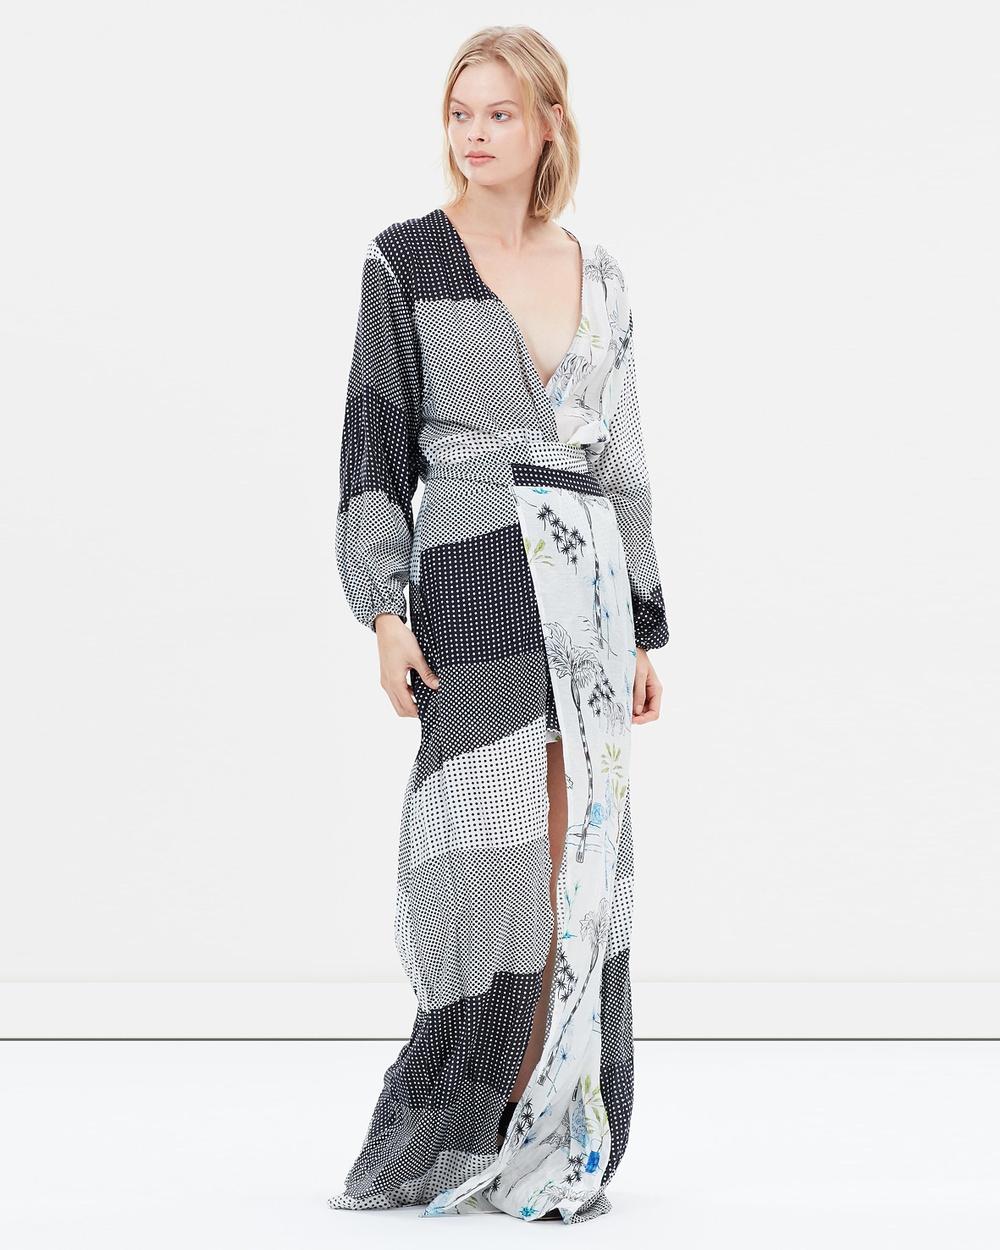 PFEIFFER Black & Powder Badu Gown